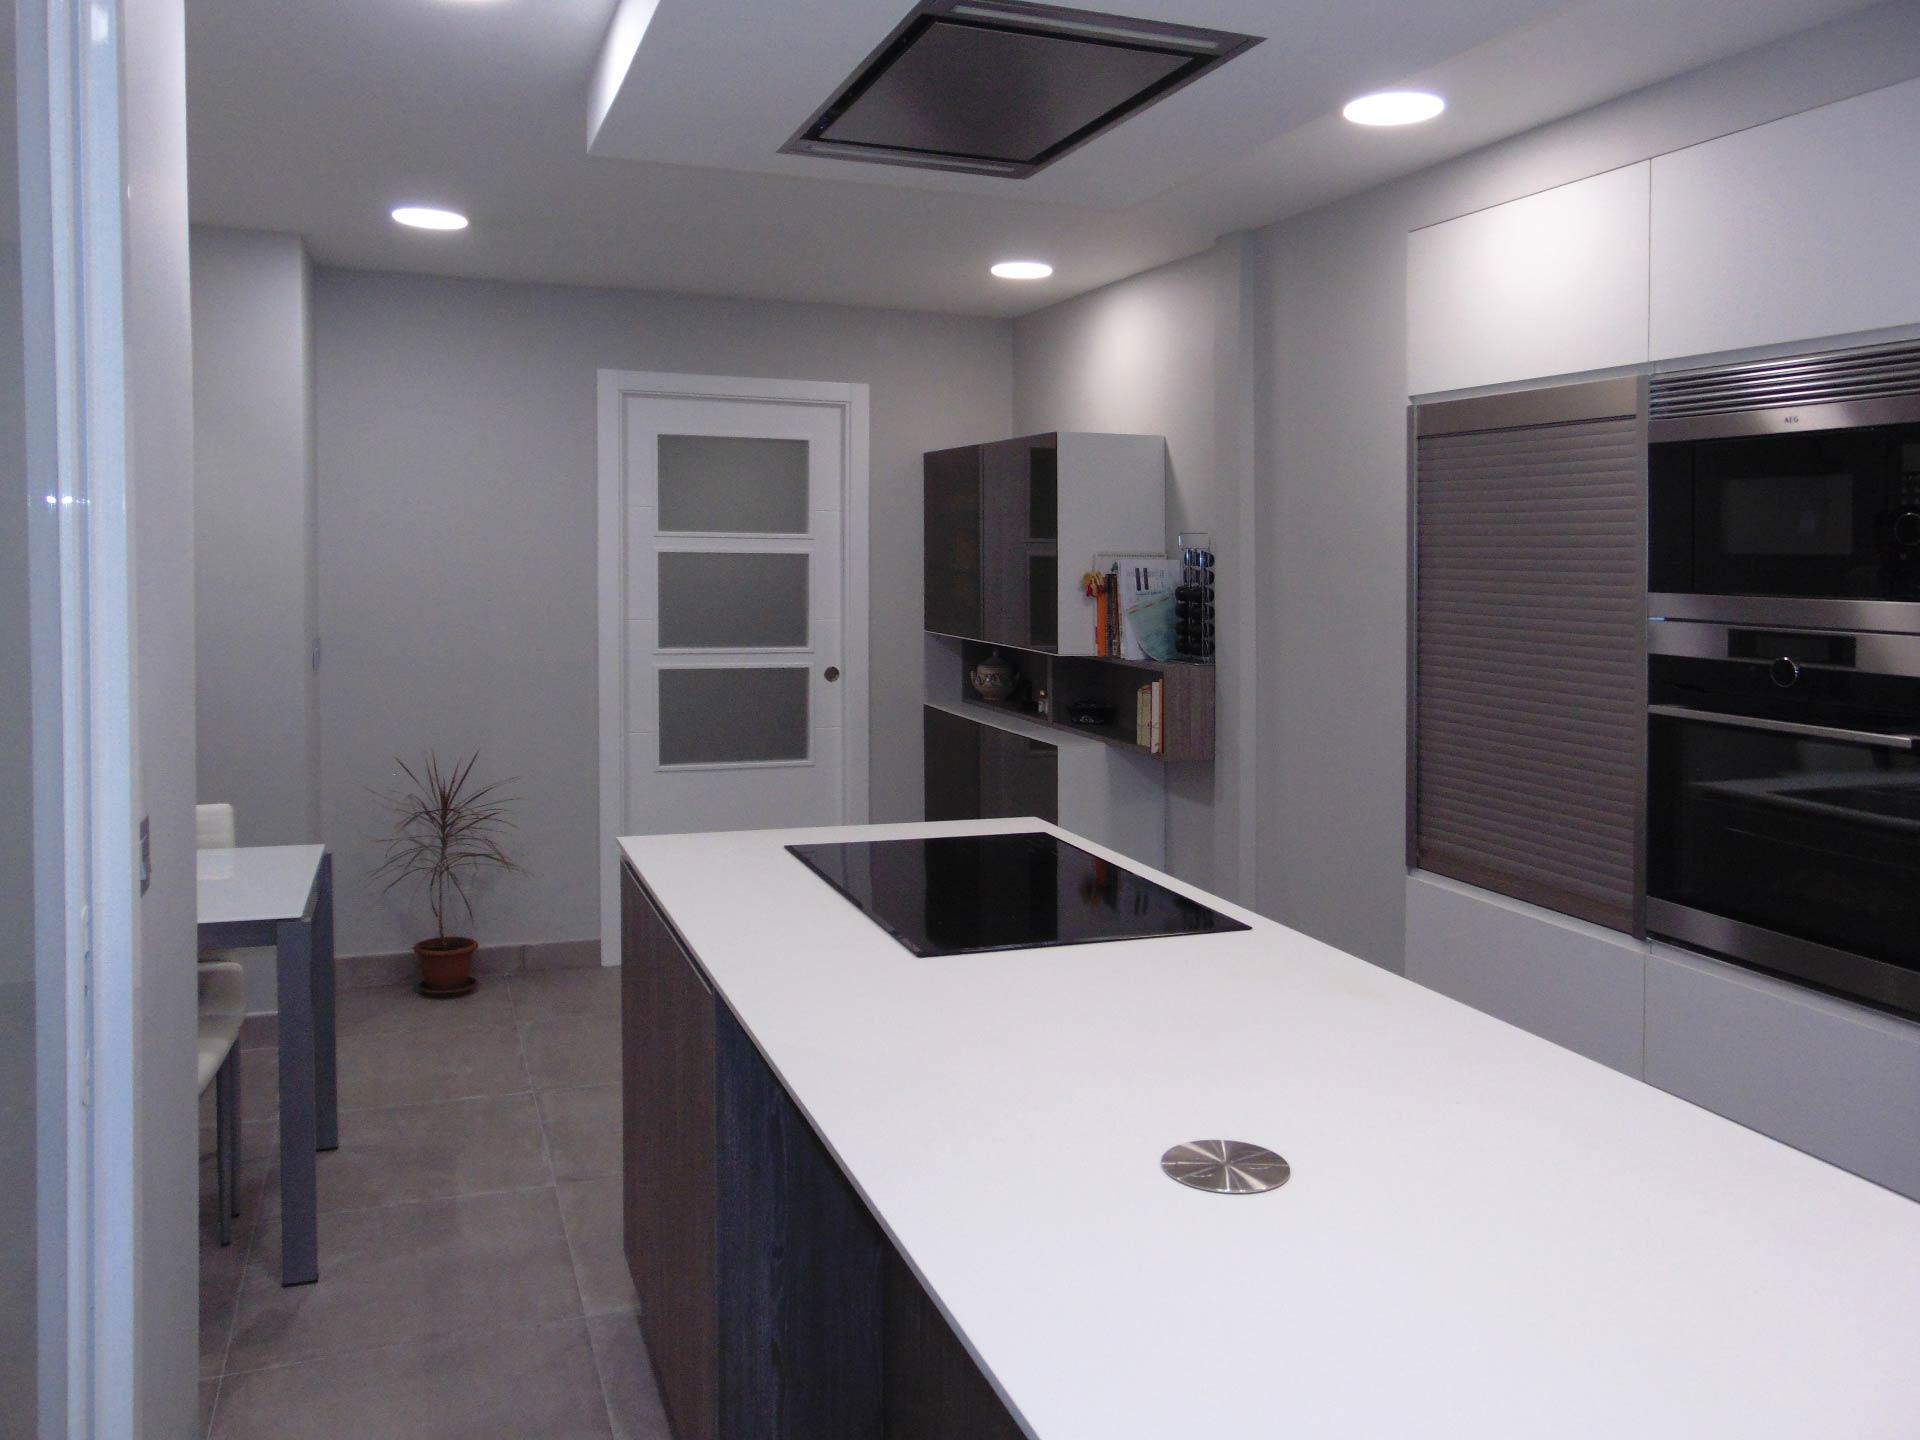 Detalle de la isla de la cocina, en color blanco.